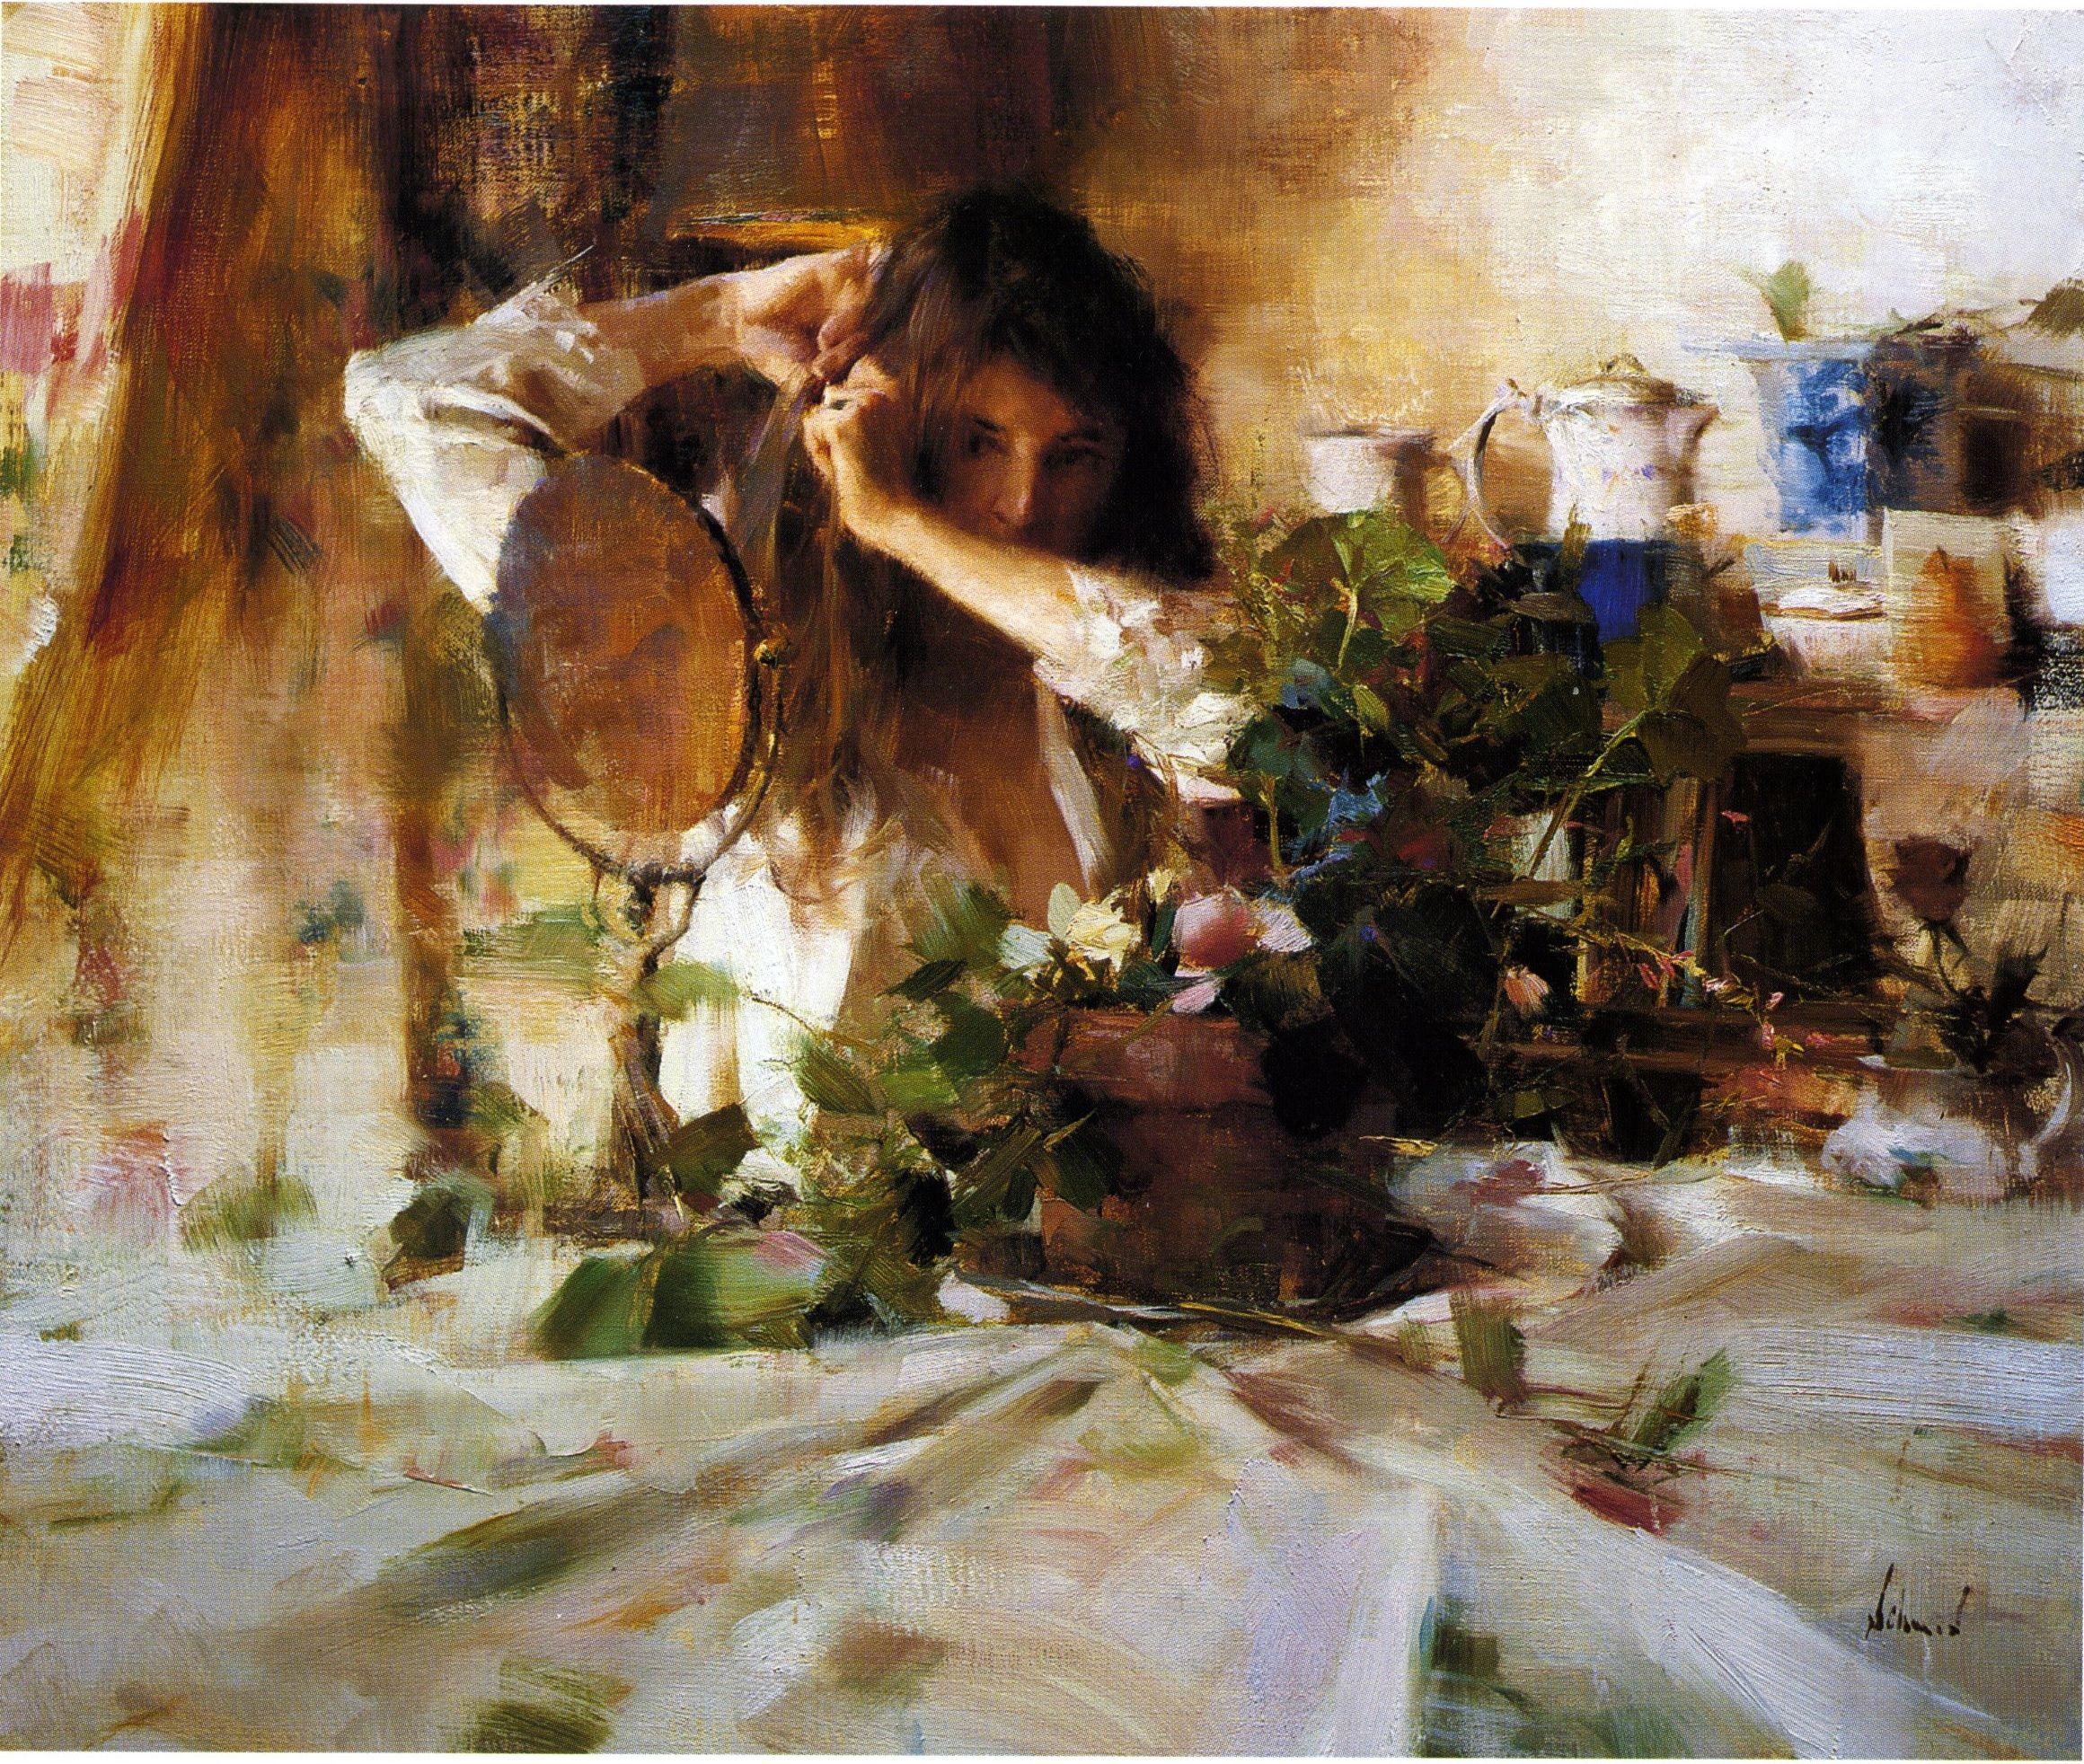 Richard Schmid, Light, Color, Composition, Presentation, Technique, Edges, Drawing